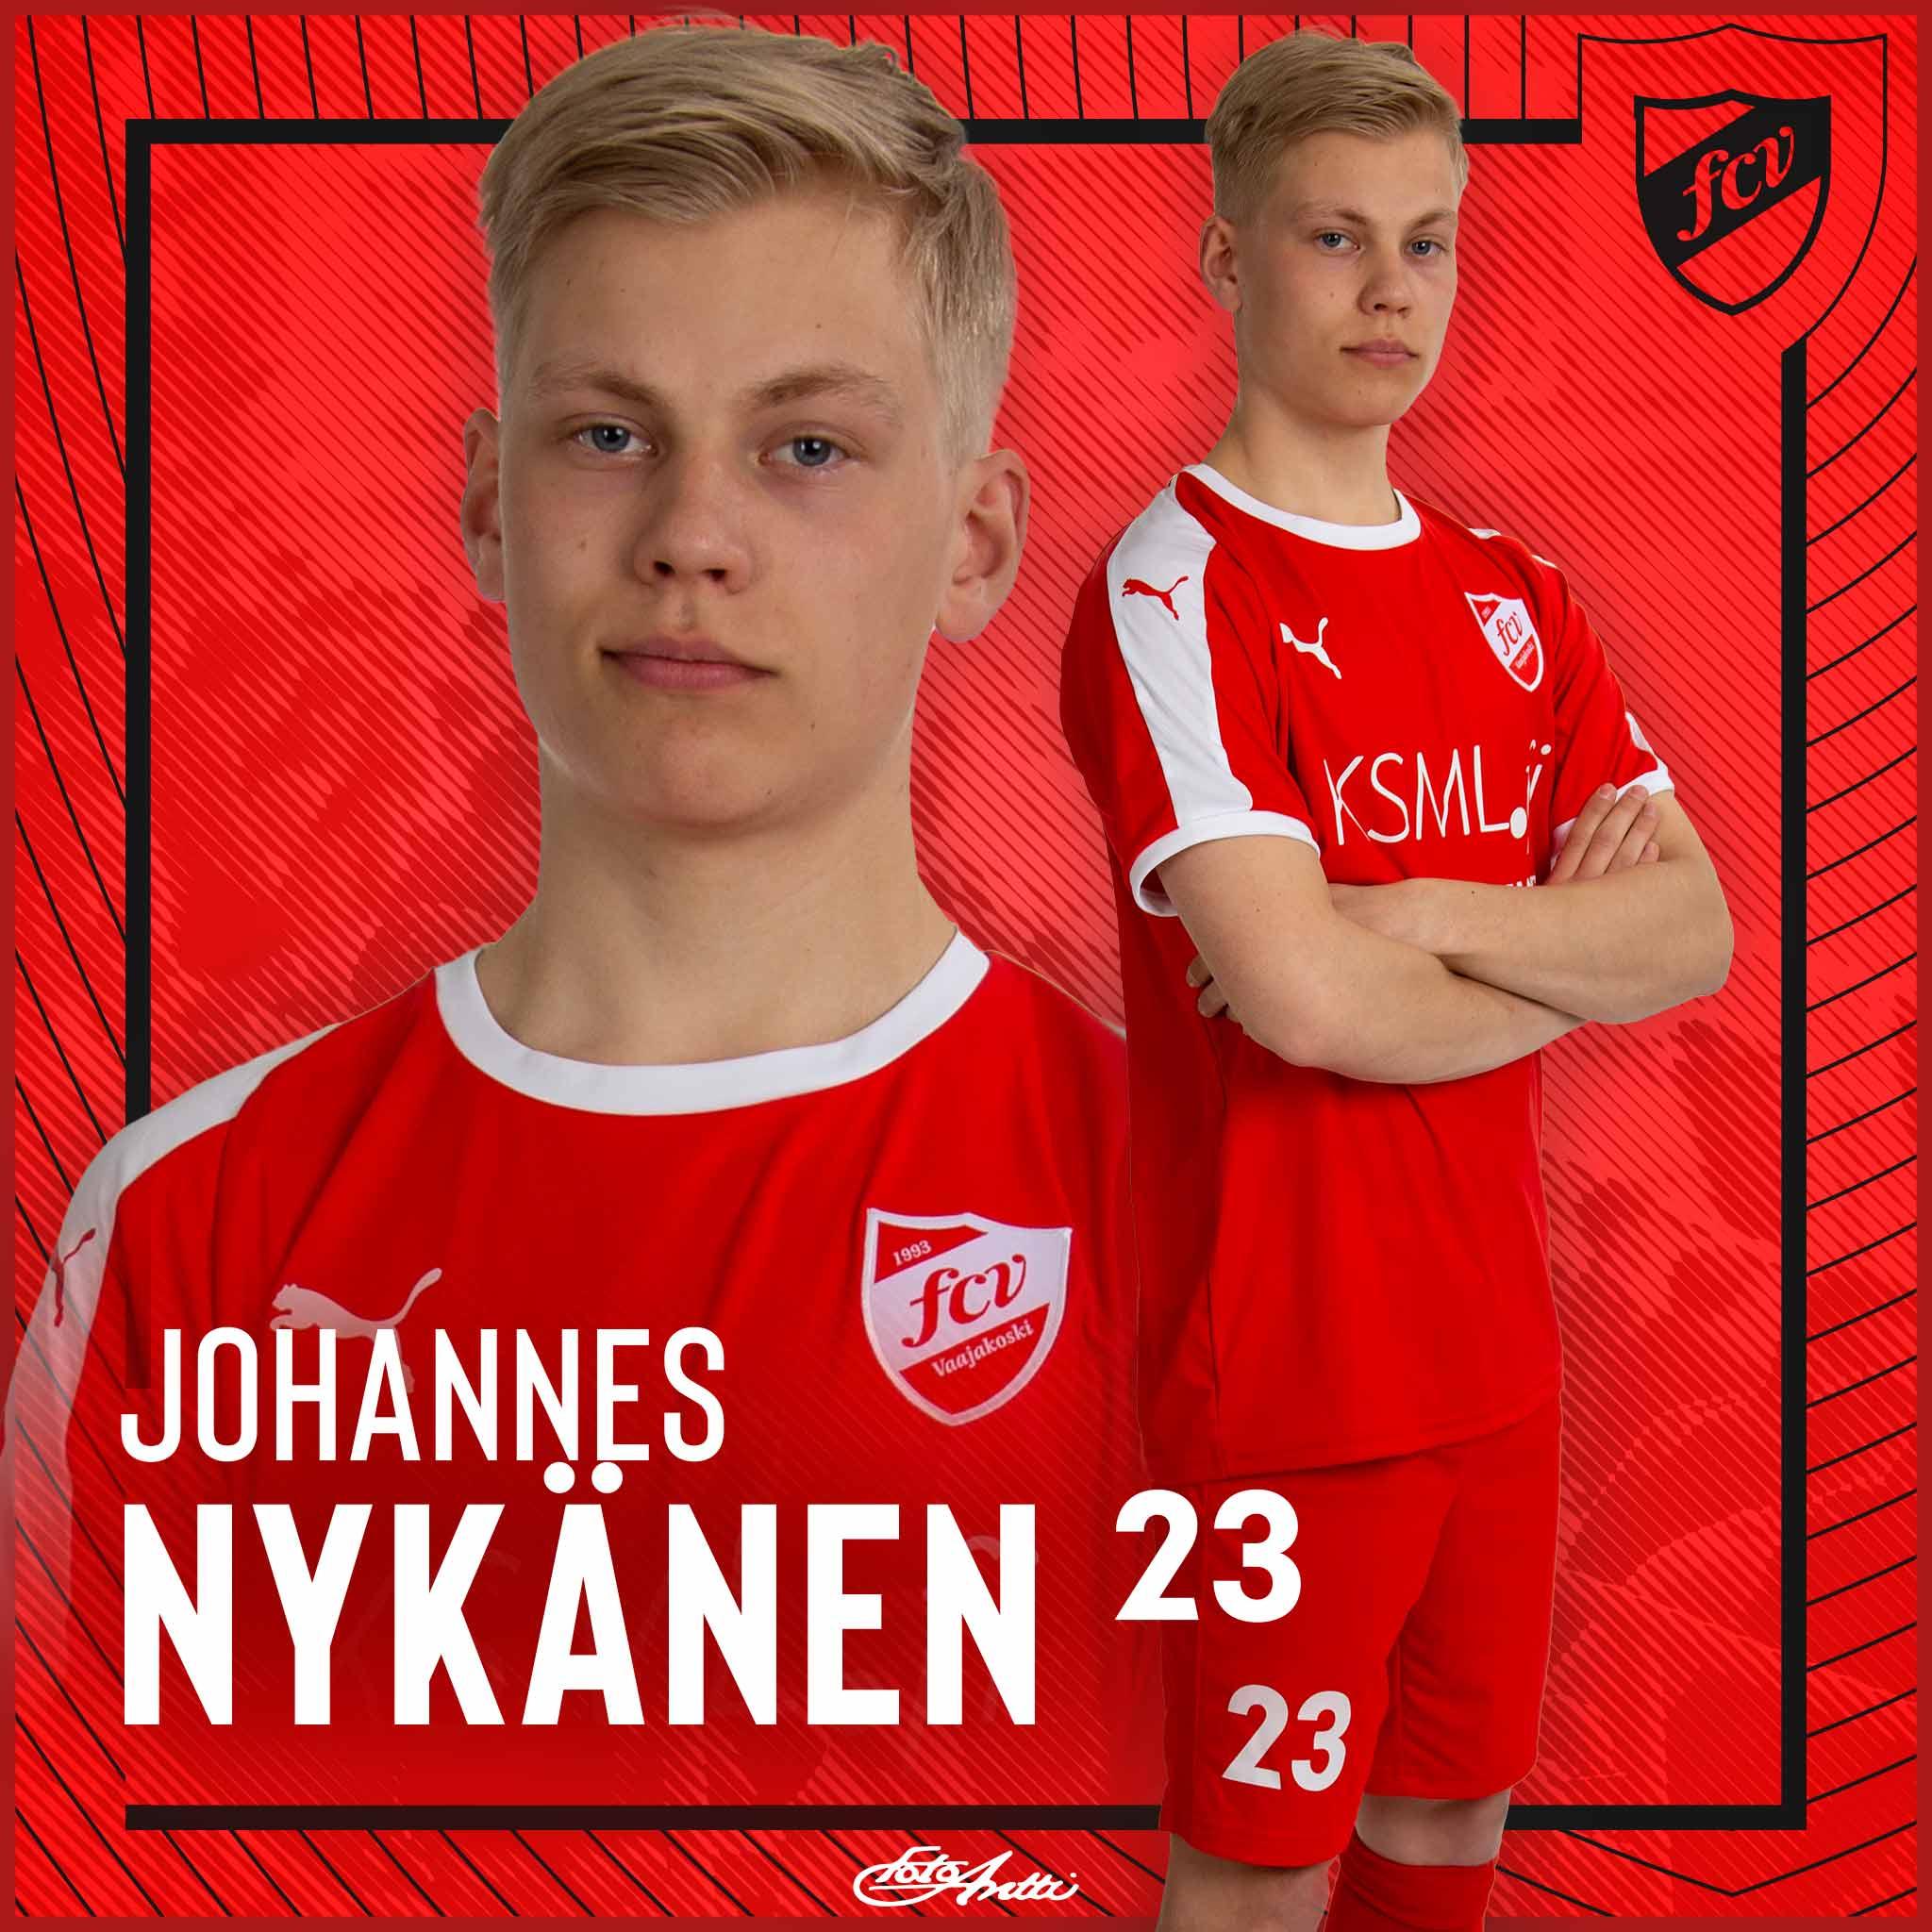 Johannes Nykänen